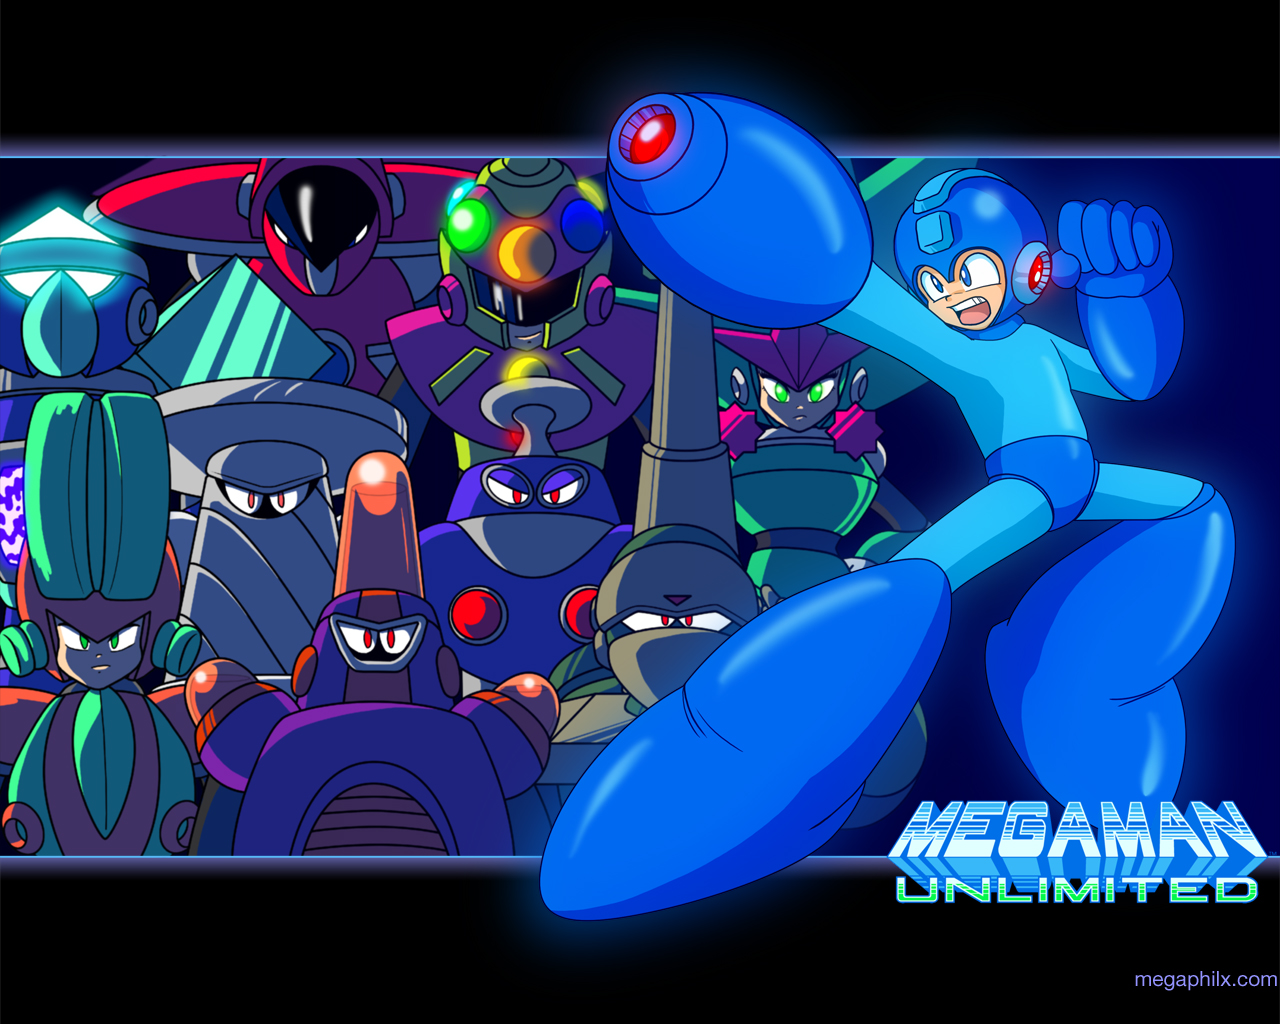 MegamanUnlimitedWallpaper